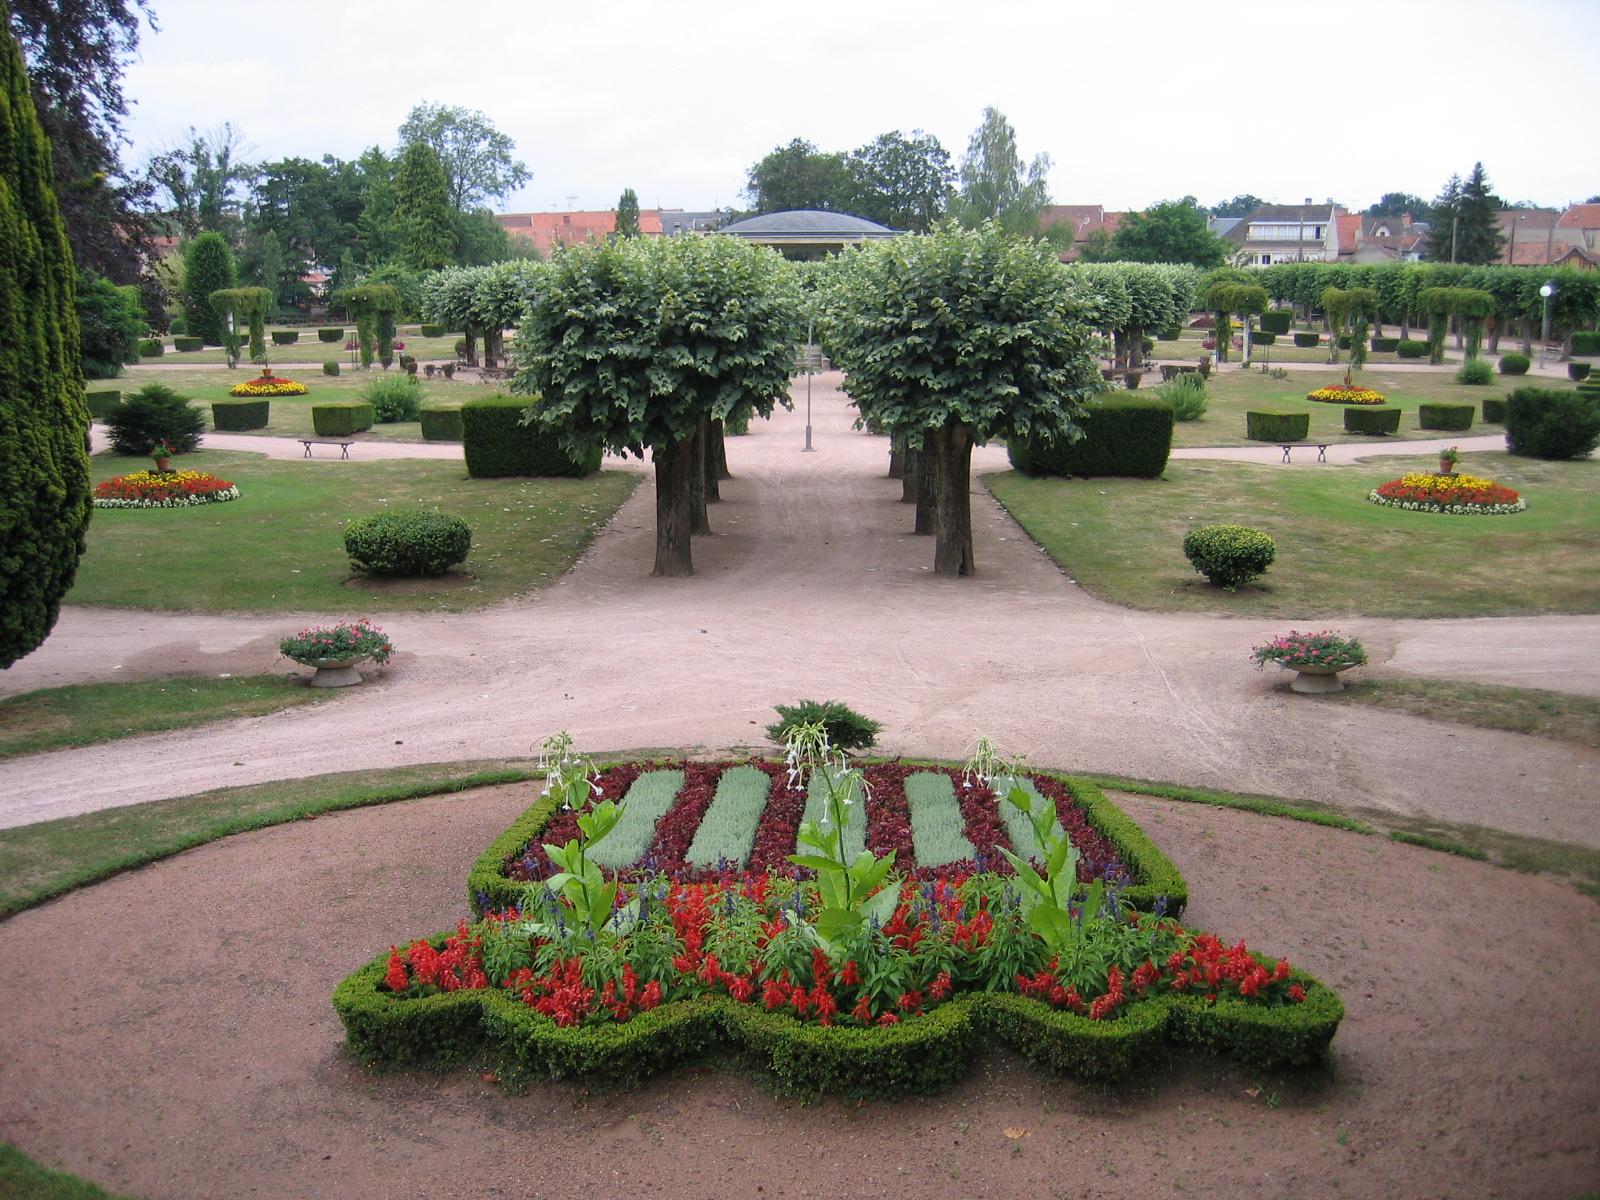 Parc floral - Lapalisse Parc floral Ⓒ @mairielapalisse2018